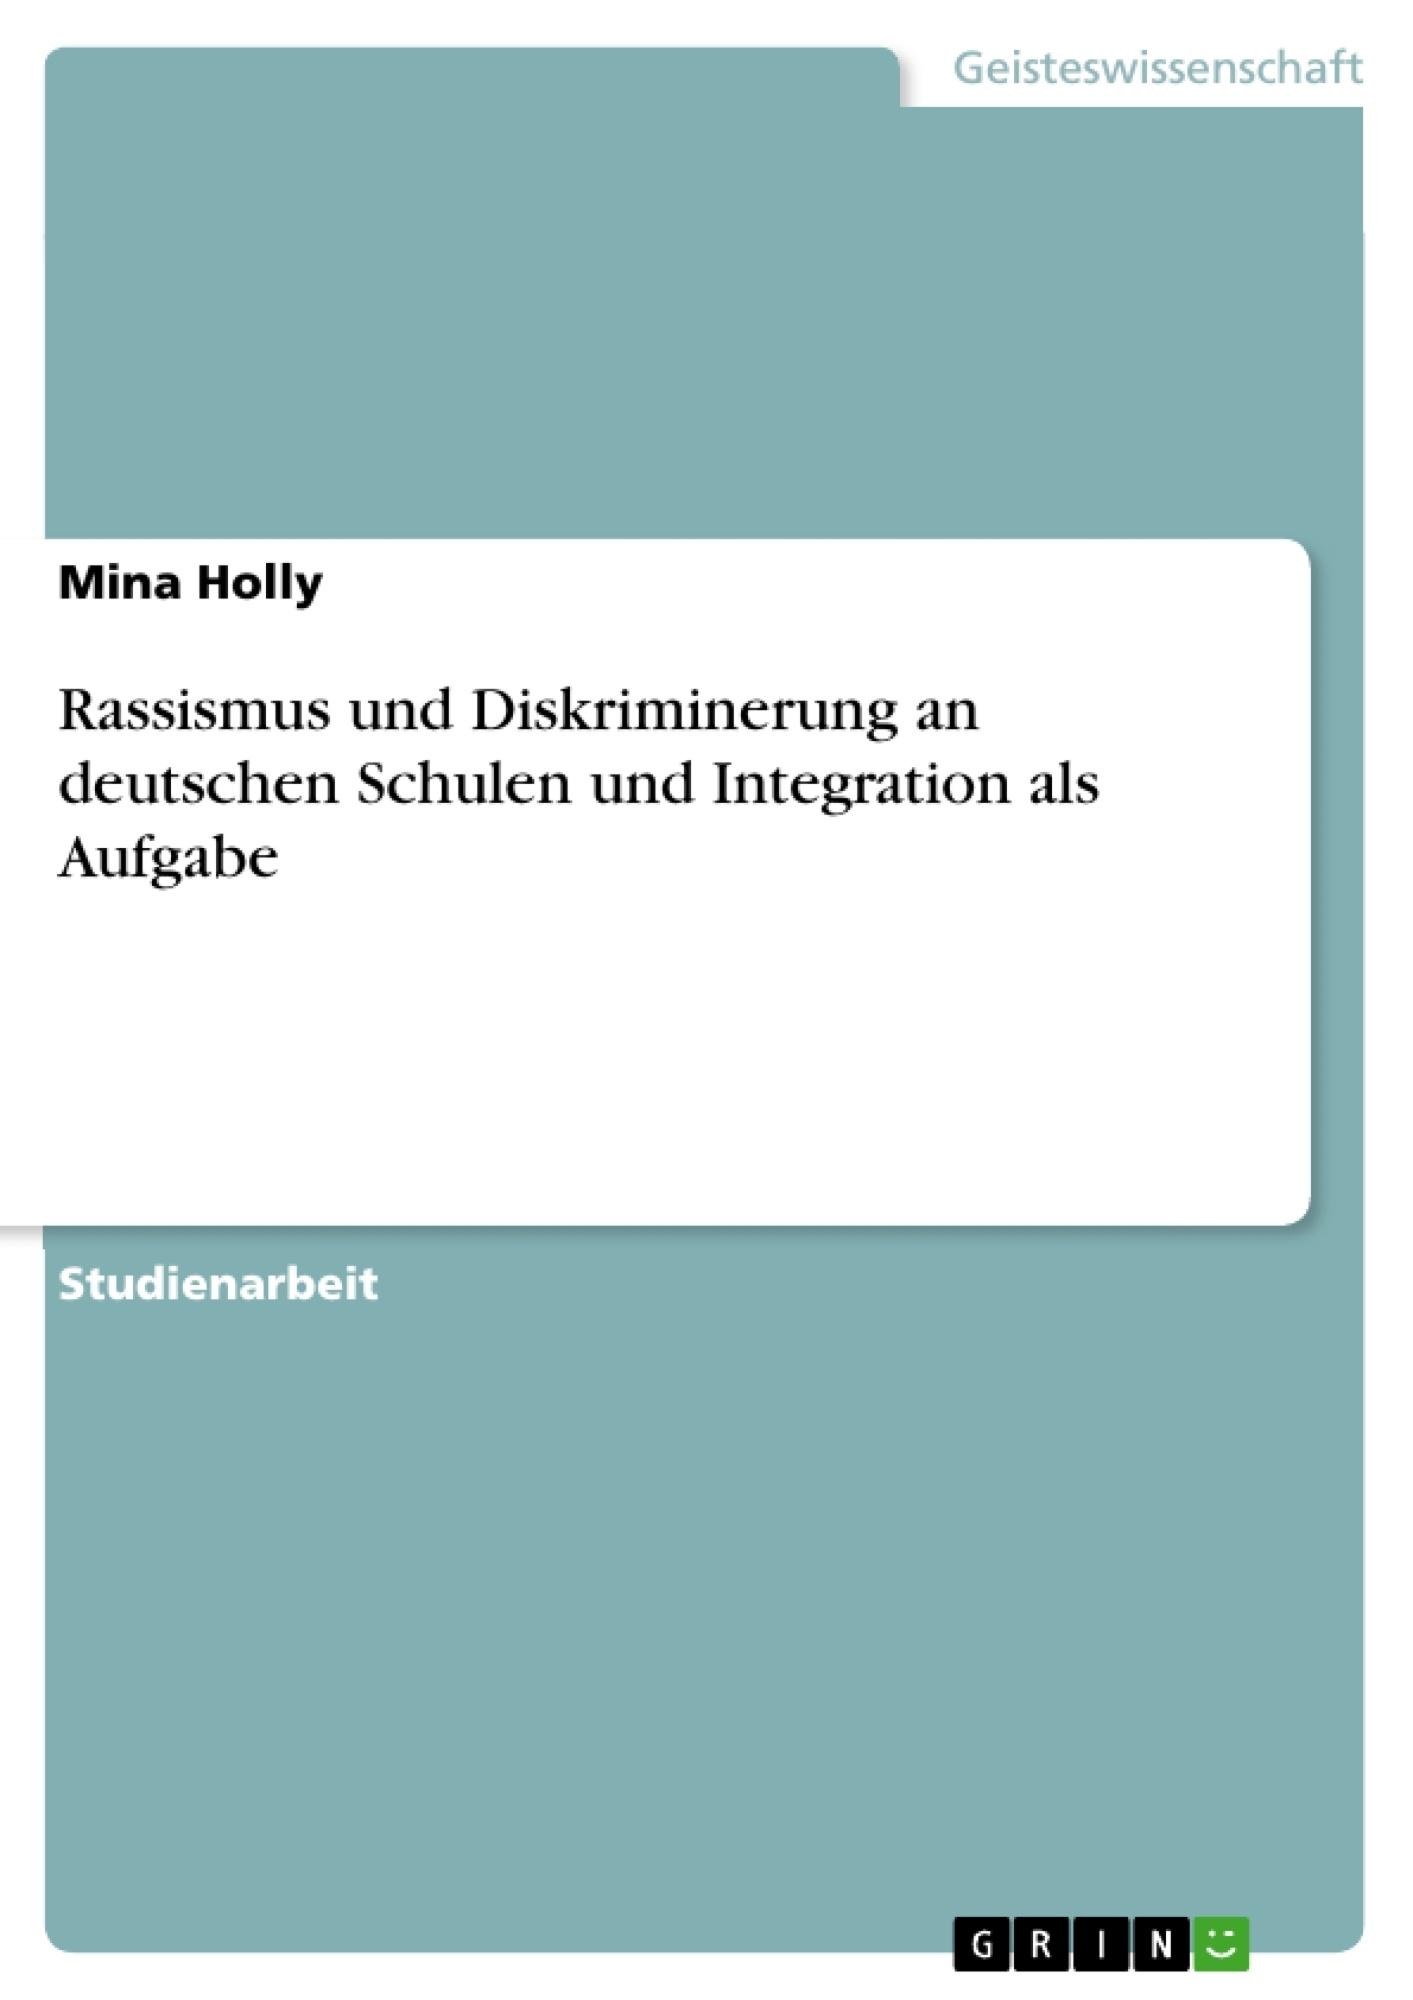 Titel: Rassismus und Diskriminerung an deutschen Schulen und Integration als Aufgabe